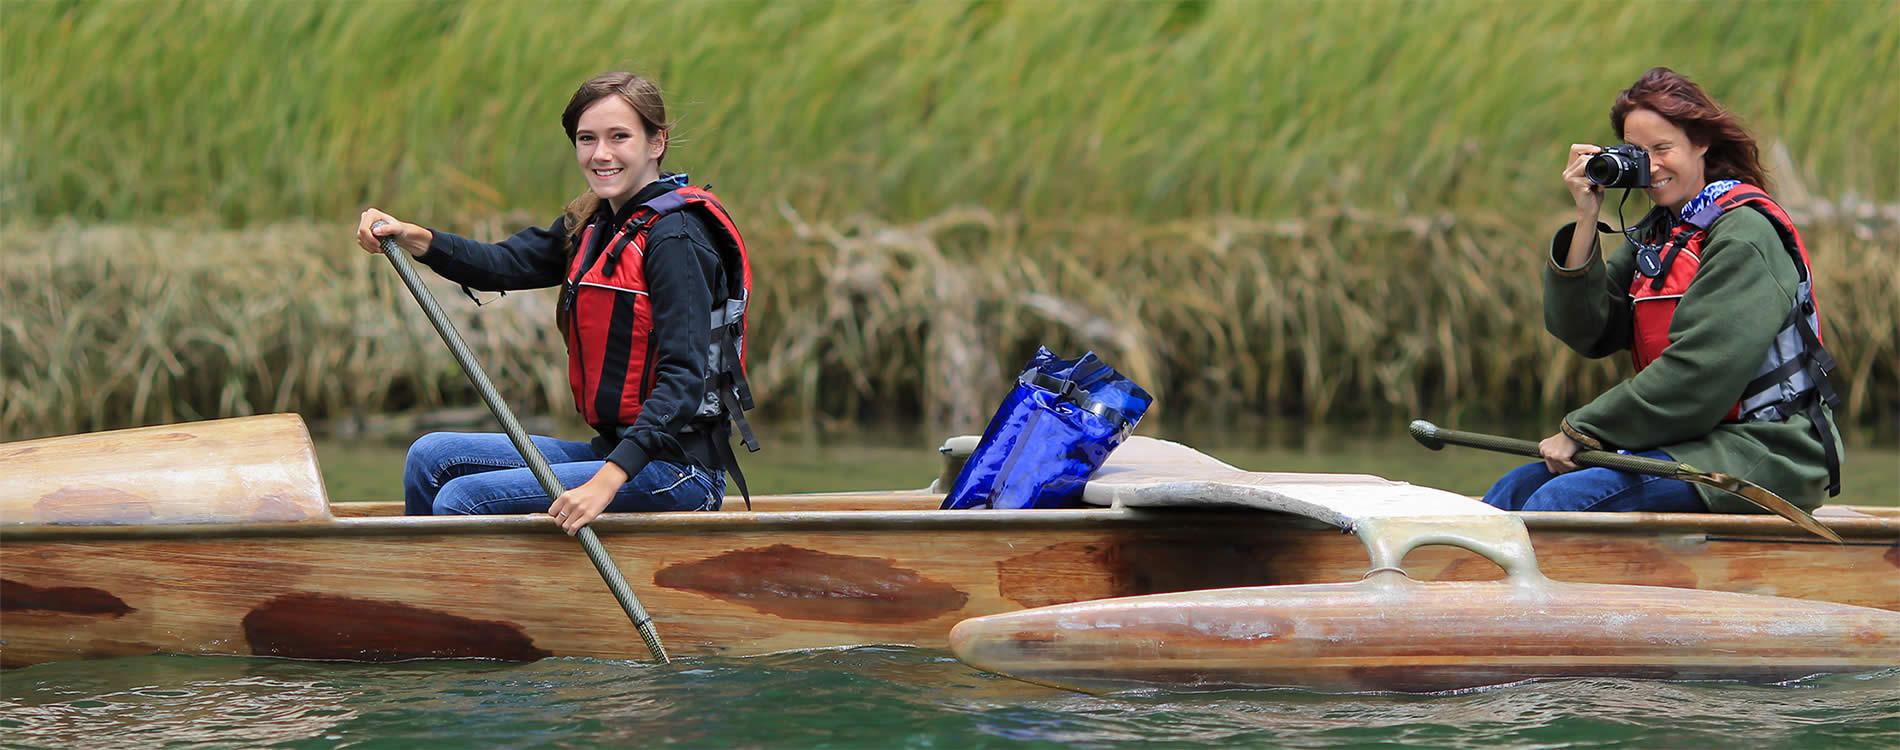 big river mendocino boat rentals